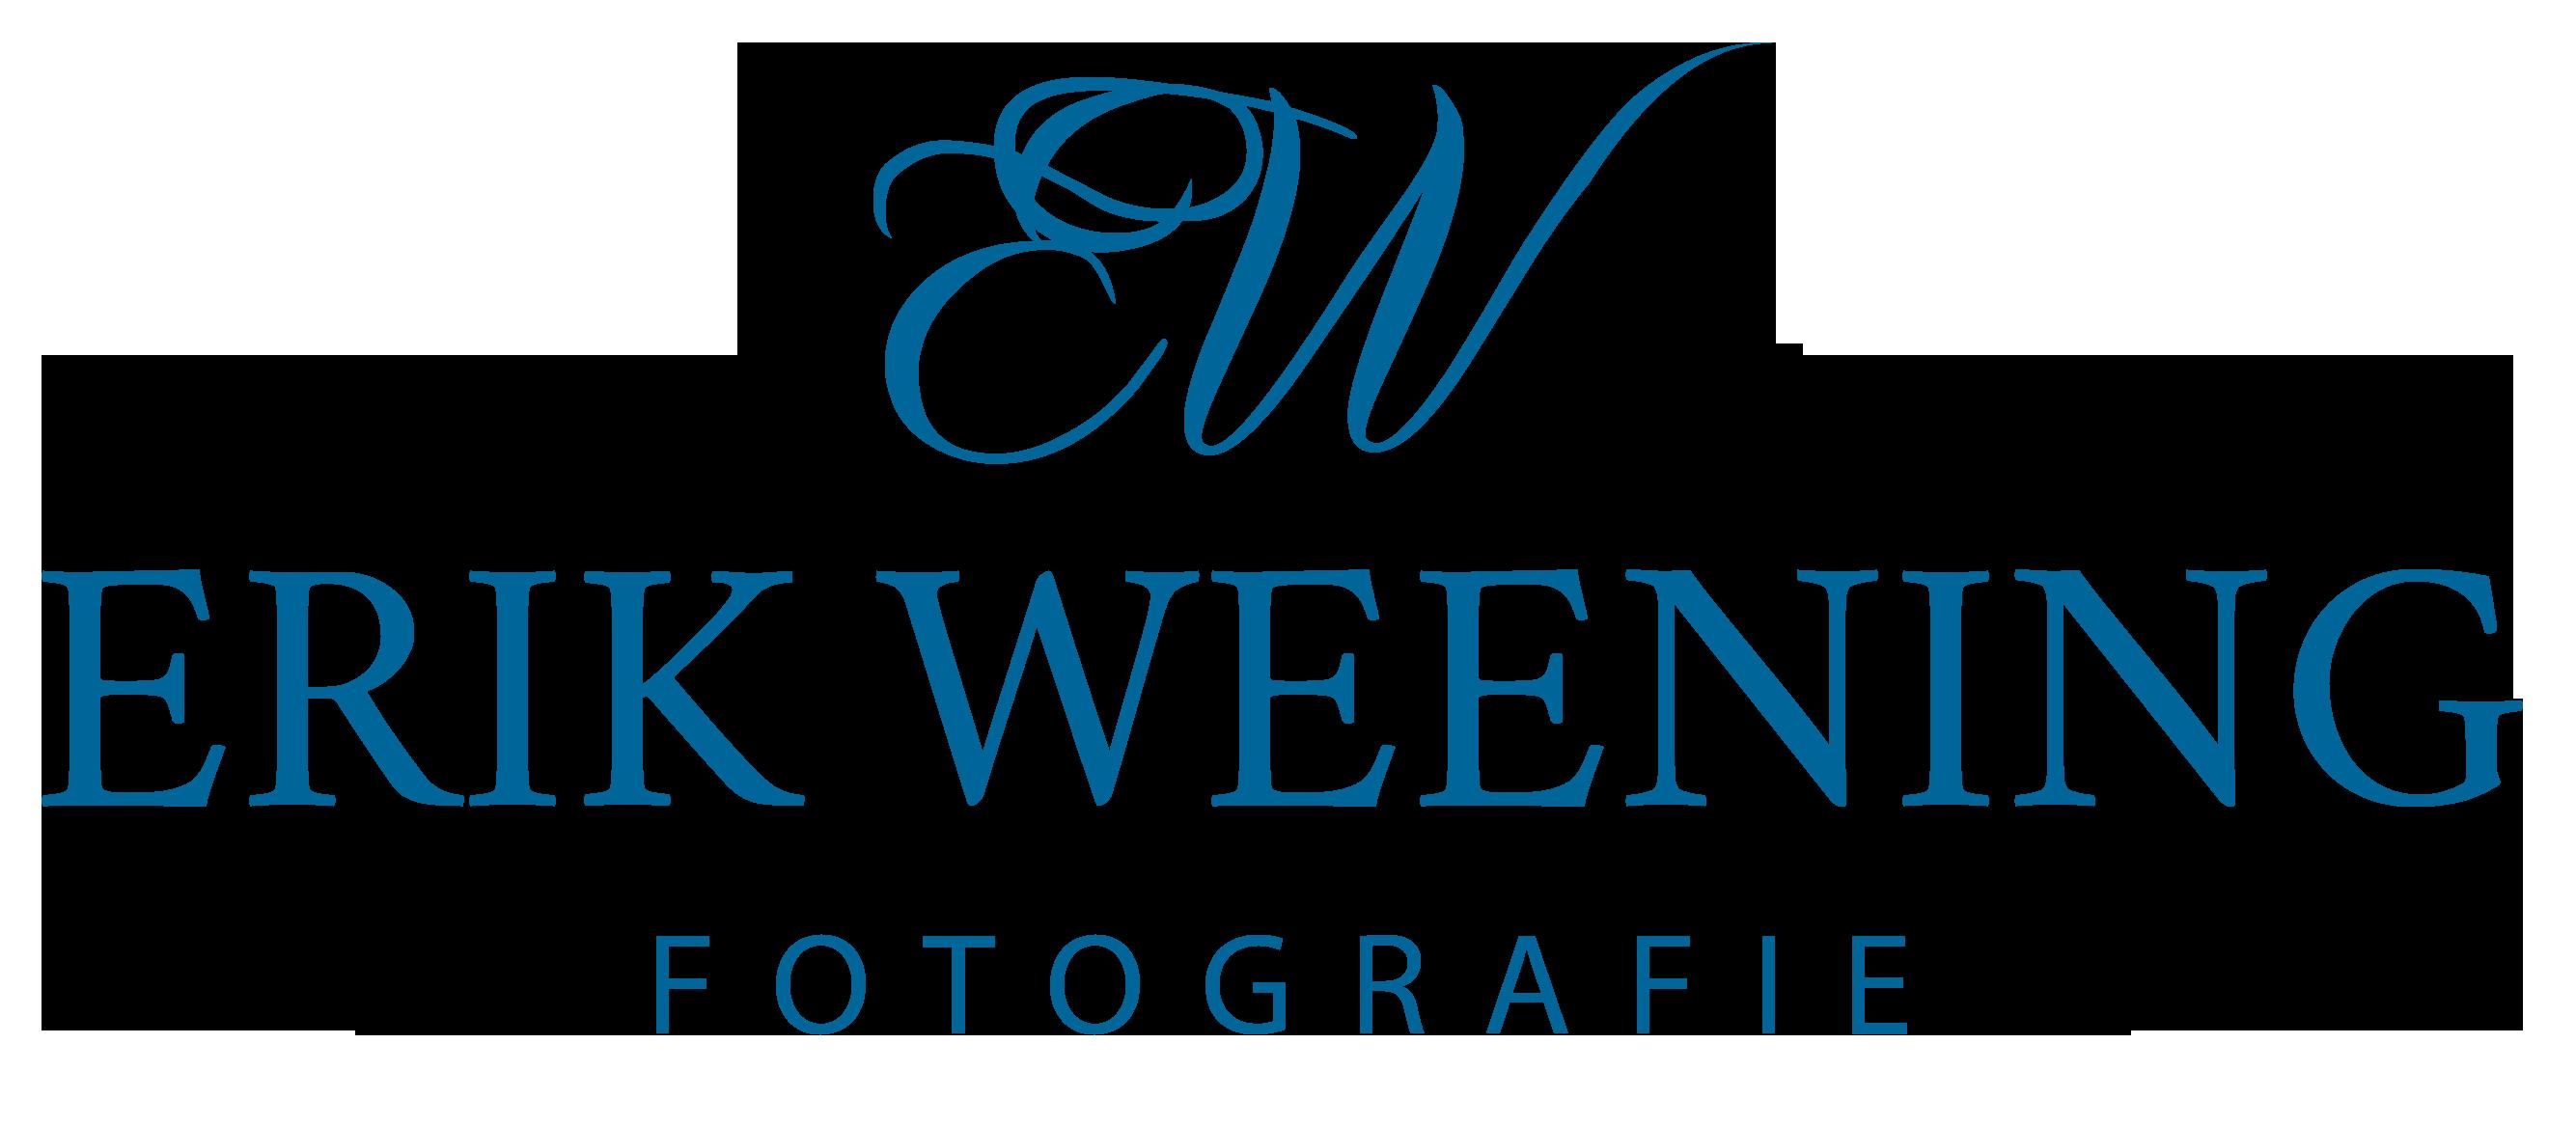 Erik Weening Fotografie | Sneek Friesland